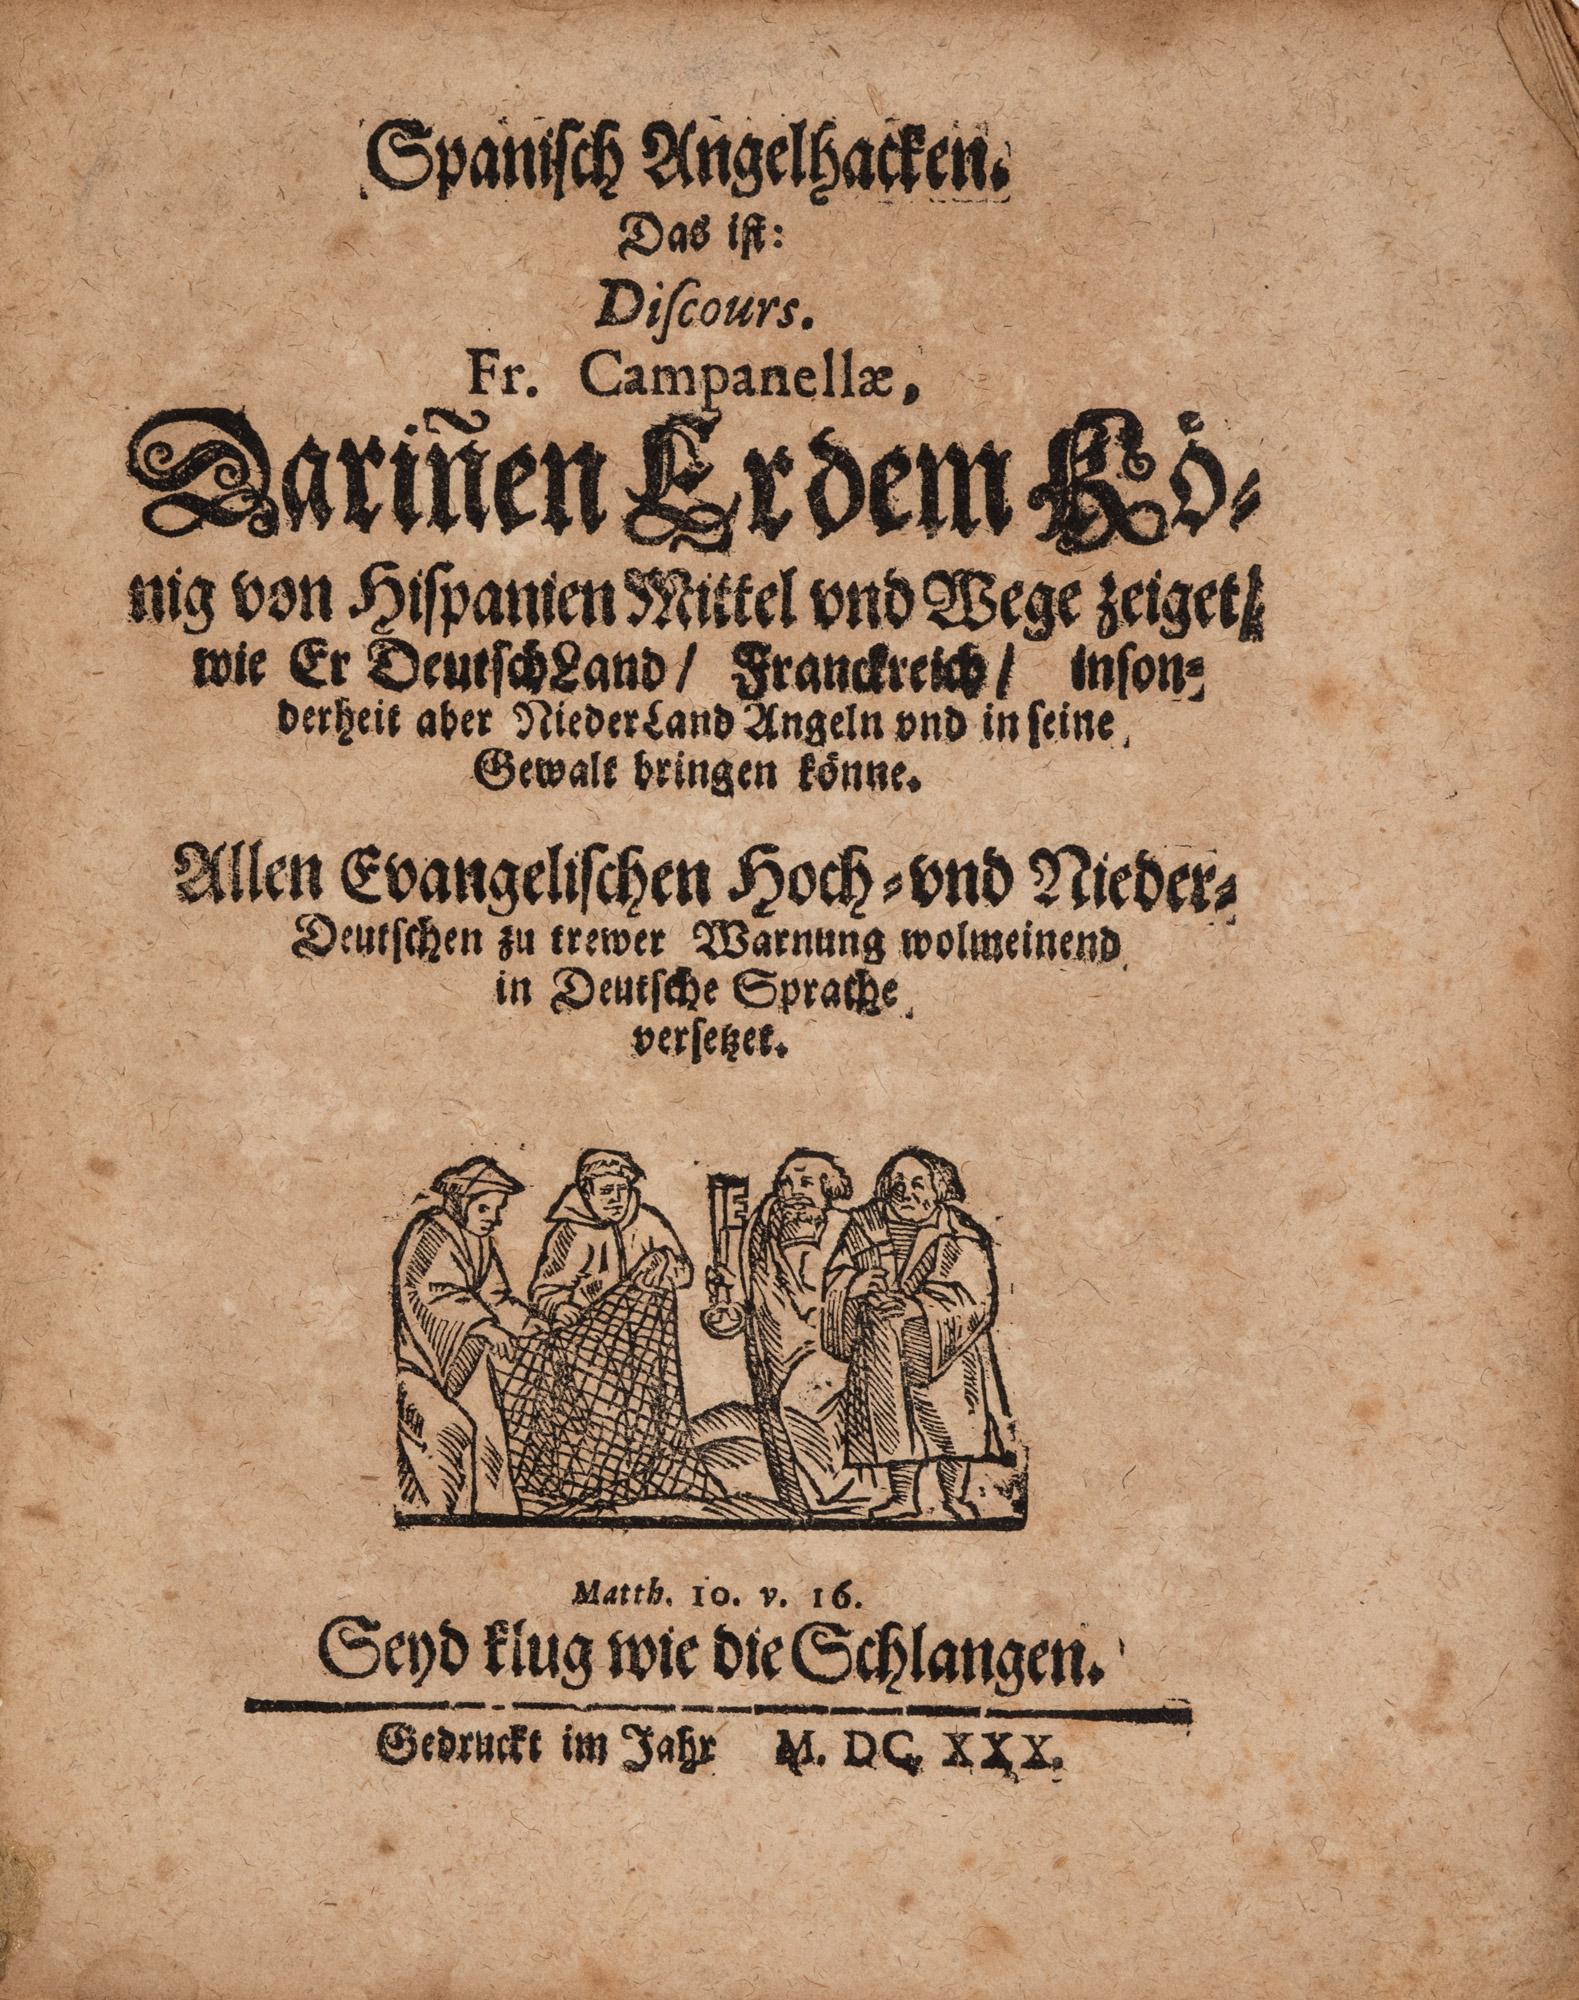 Spanisch Angelhacken: das ist, Discours. Fr. Campanellae darinen er dem Konig von Hispanien Mittel